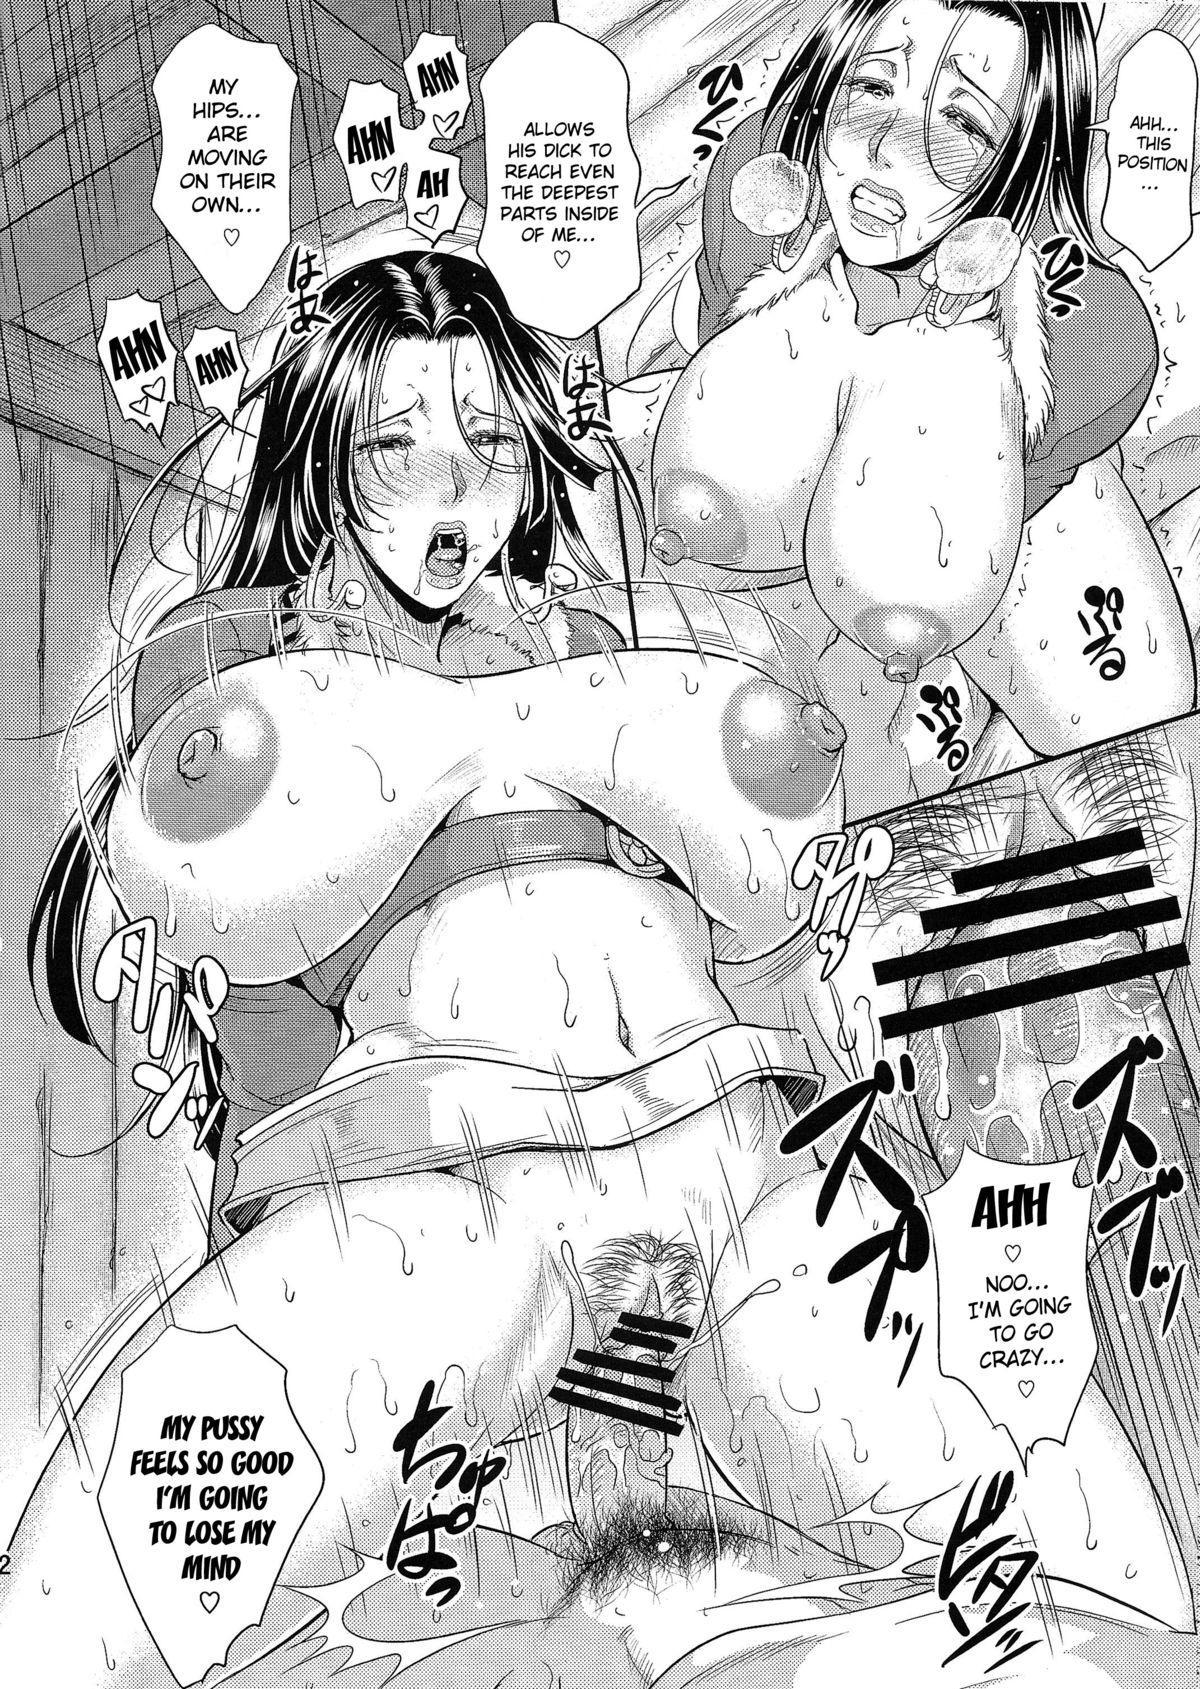 Hebihime-sama 29sai no Teisou wo Itadaku Hon 10